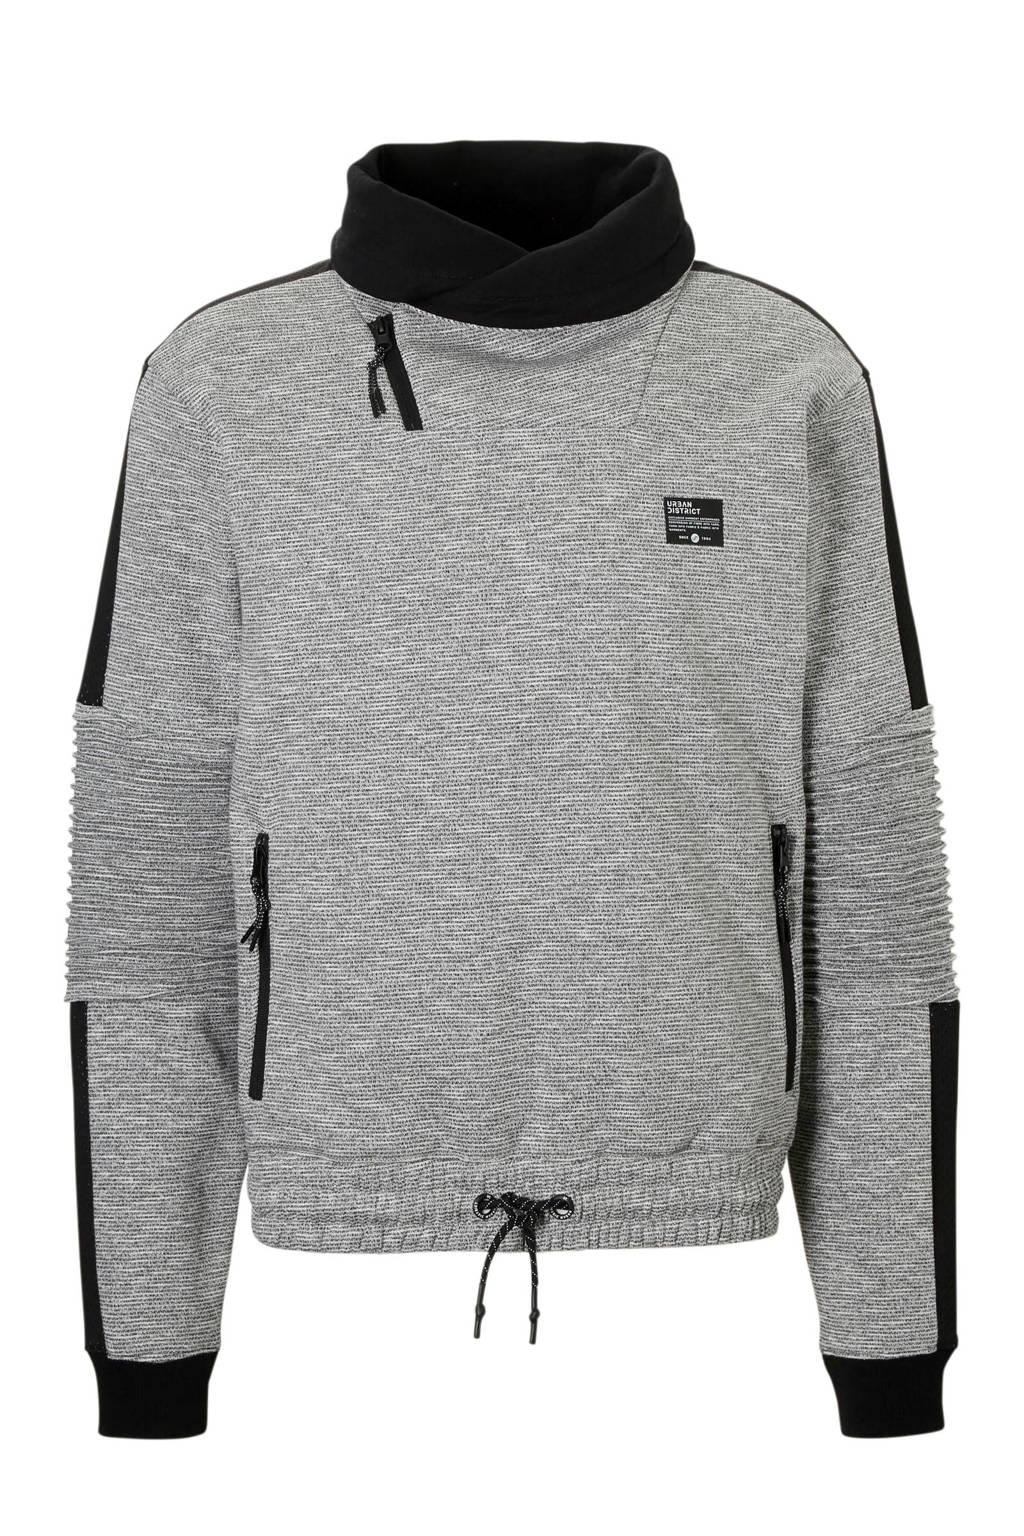 C&A Angelo Litrico gemêleerde sweater grijs, Grijs/zwart